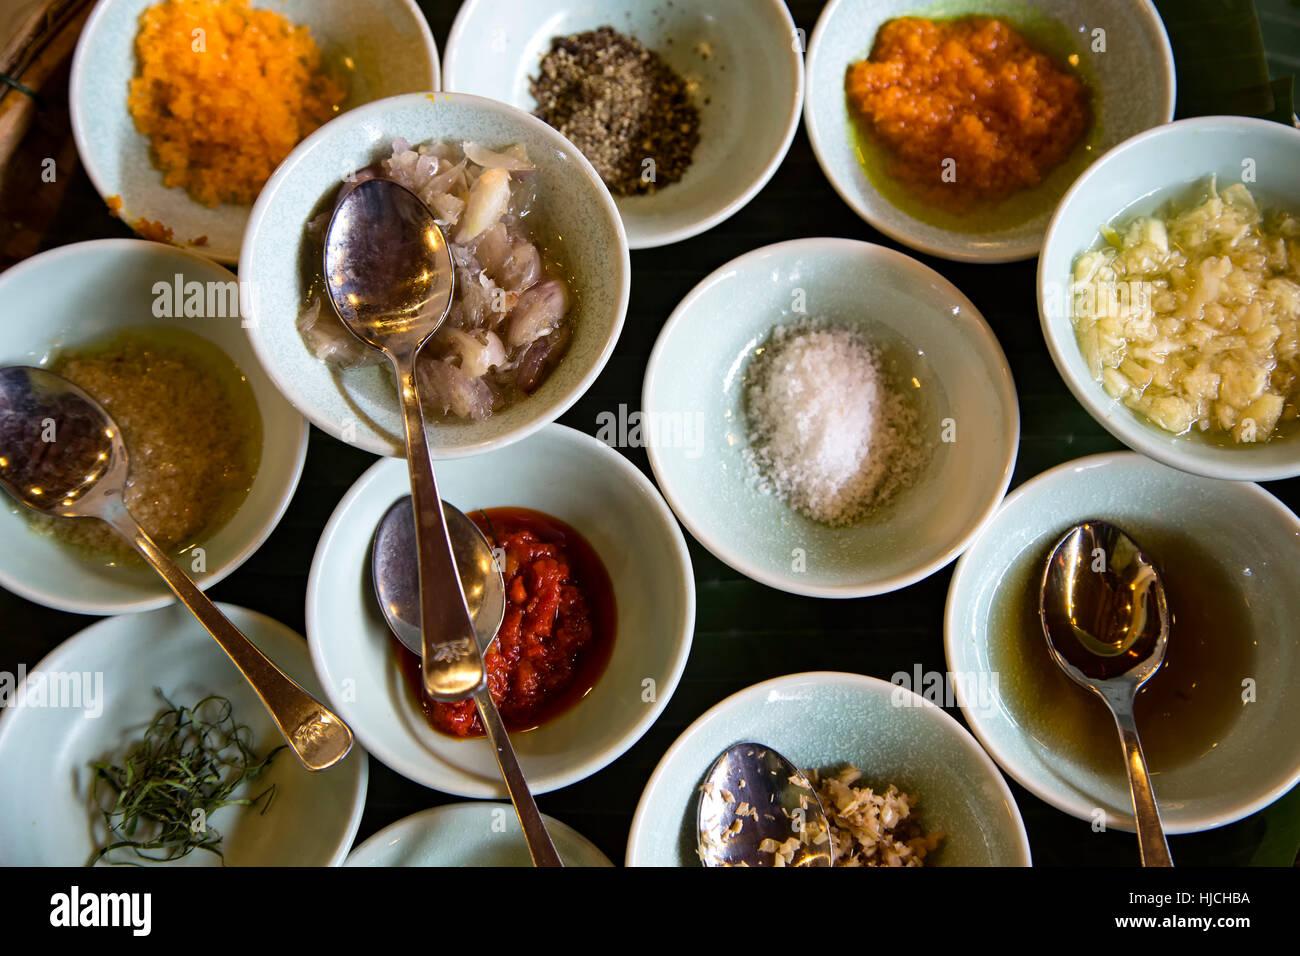 Zutaten zum Würzen von Huhn, Miss Vy Cooking Academy, Marktrestaurant, Hoi an, Vietnam Stockbild